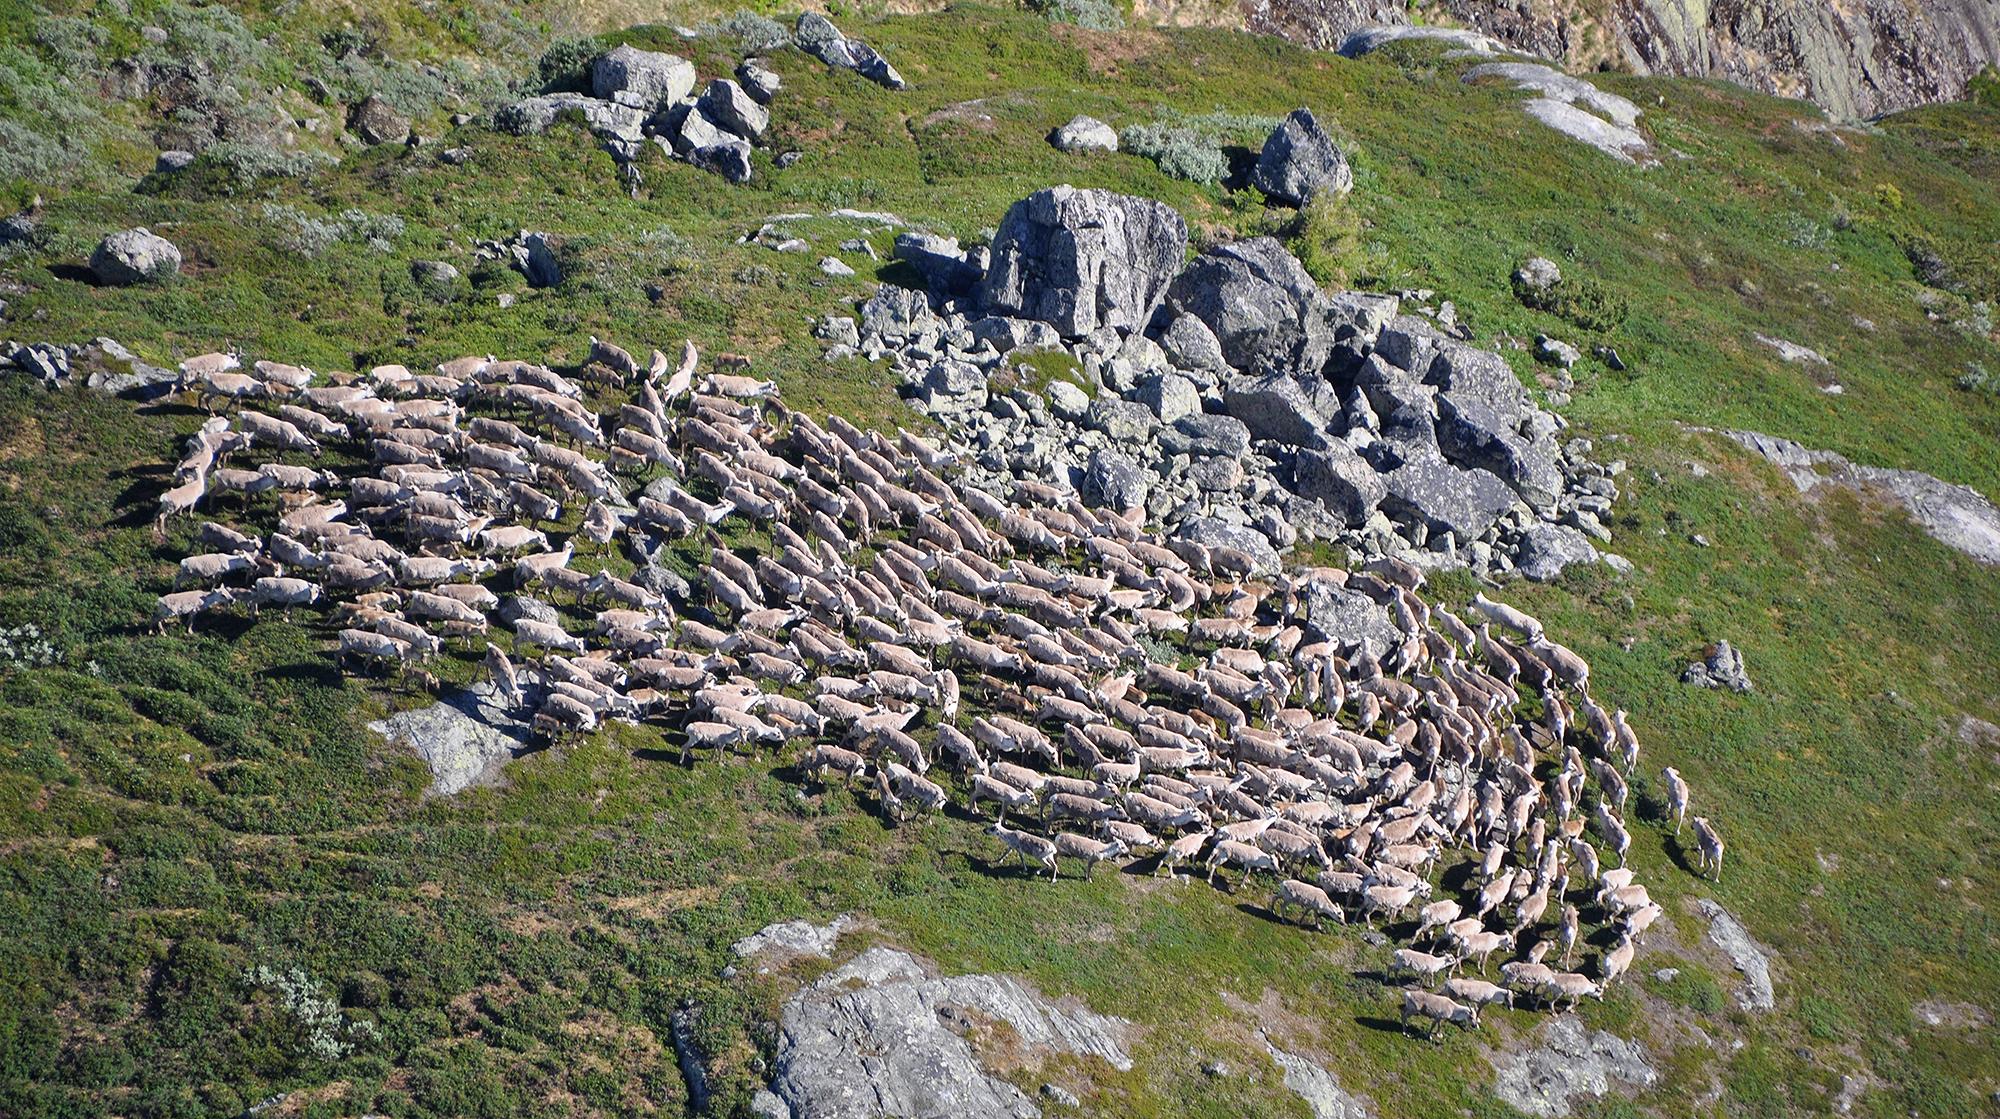 Fostringsflokk på 431 dyr øst for Ljomsnuten i Valle kommune. Foto: Svein Ekre